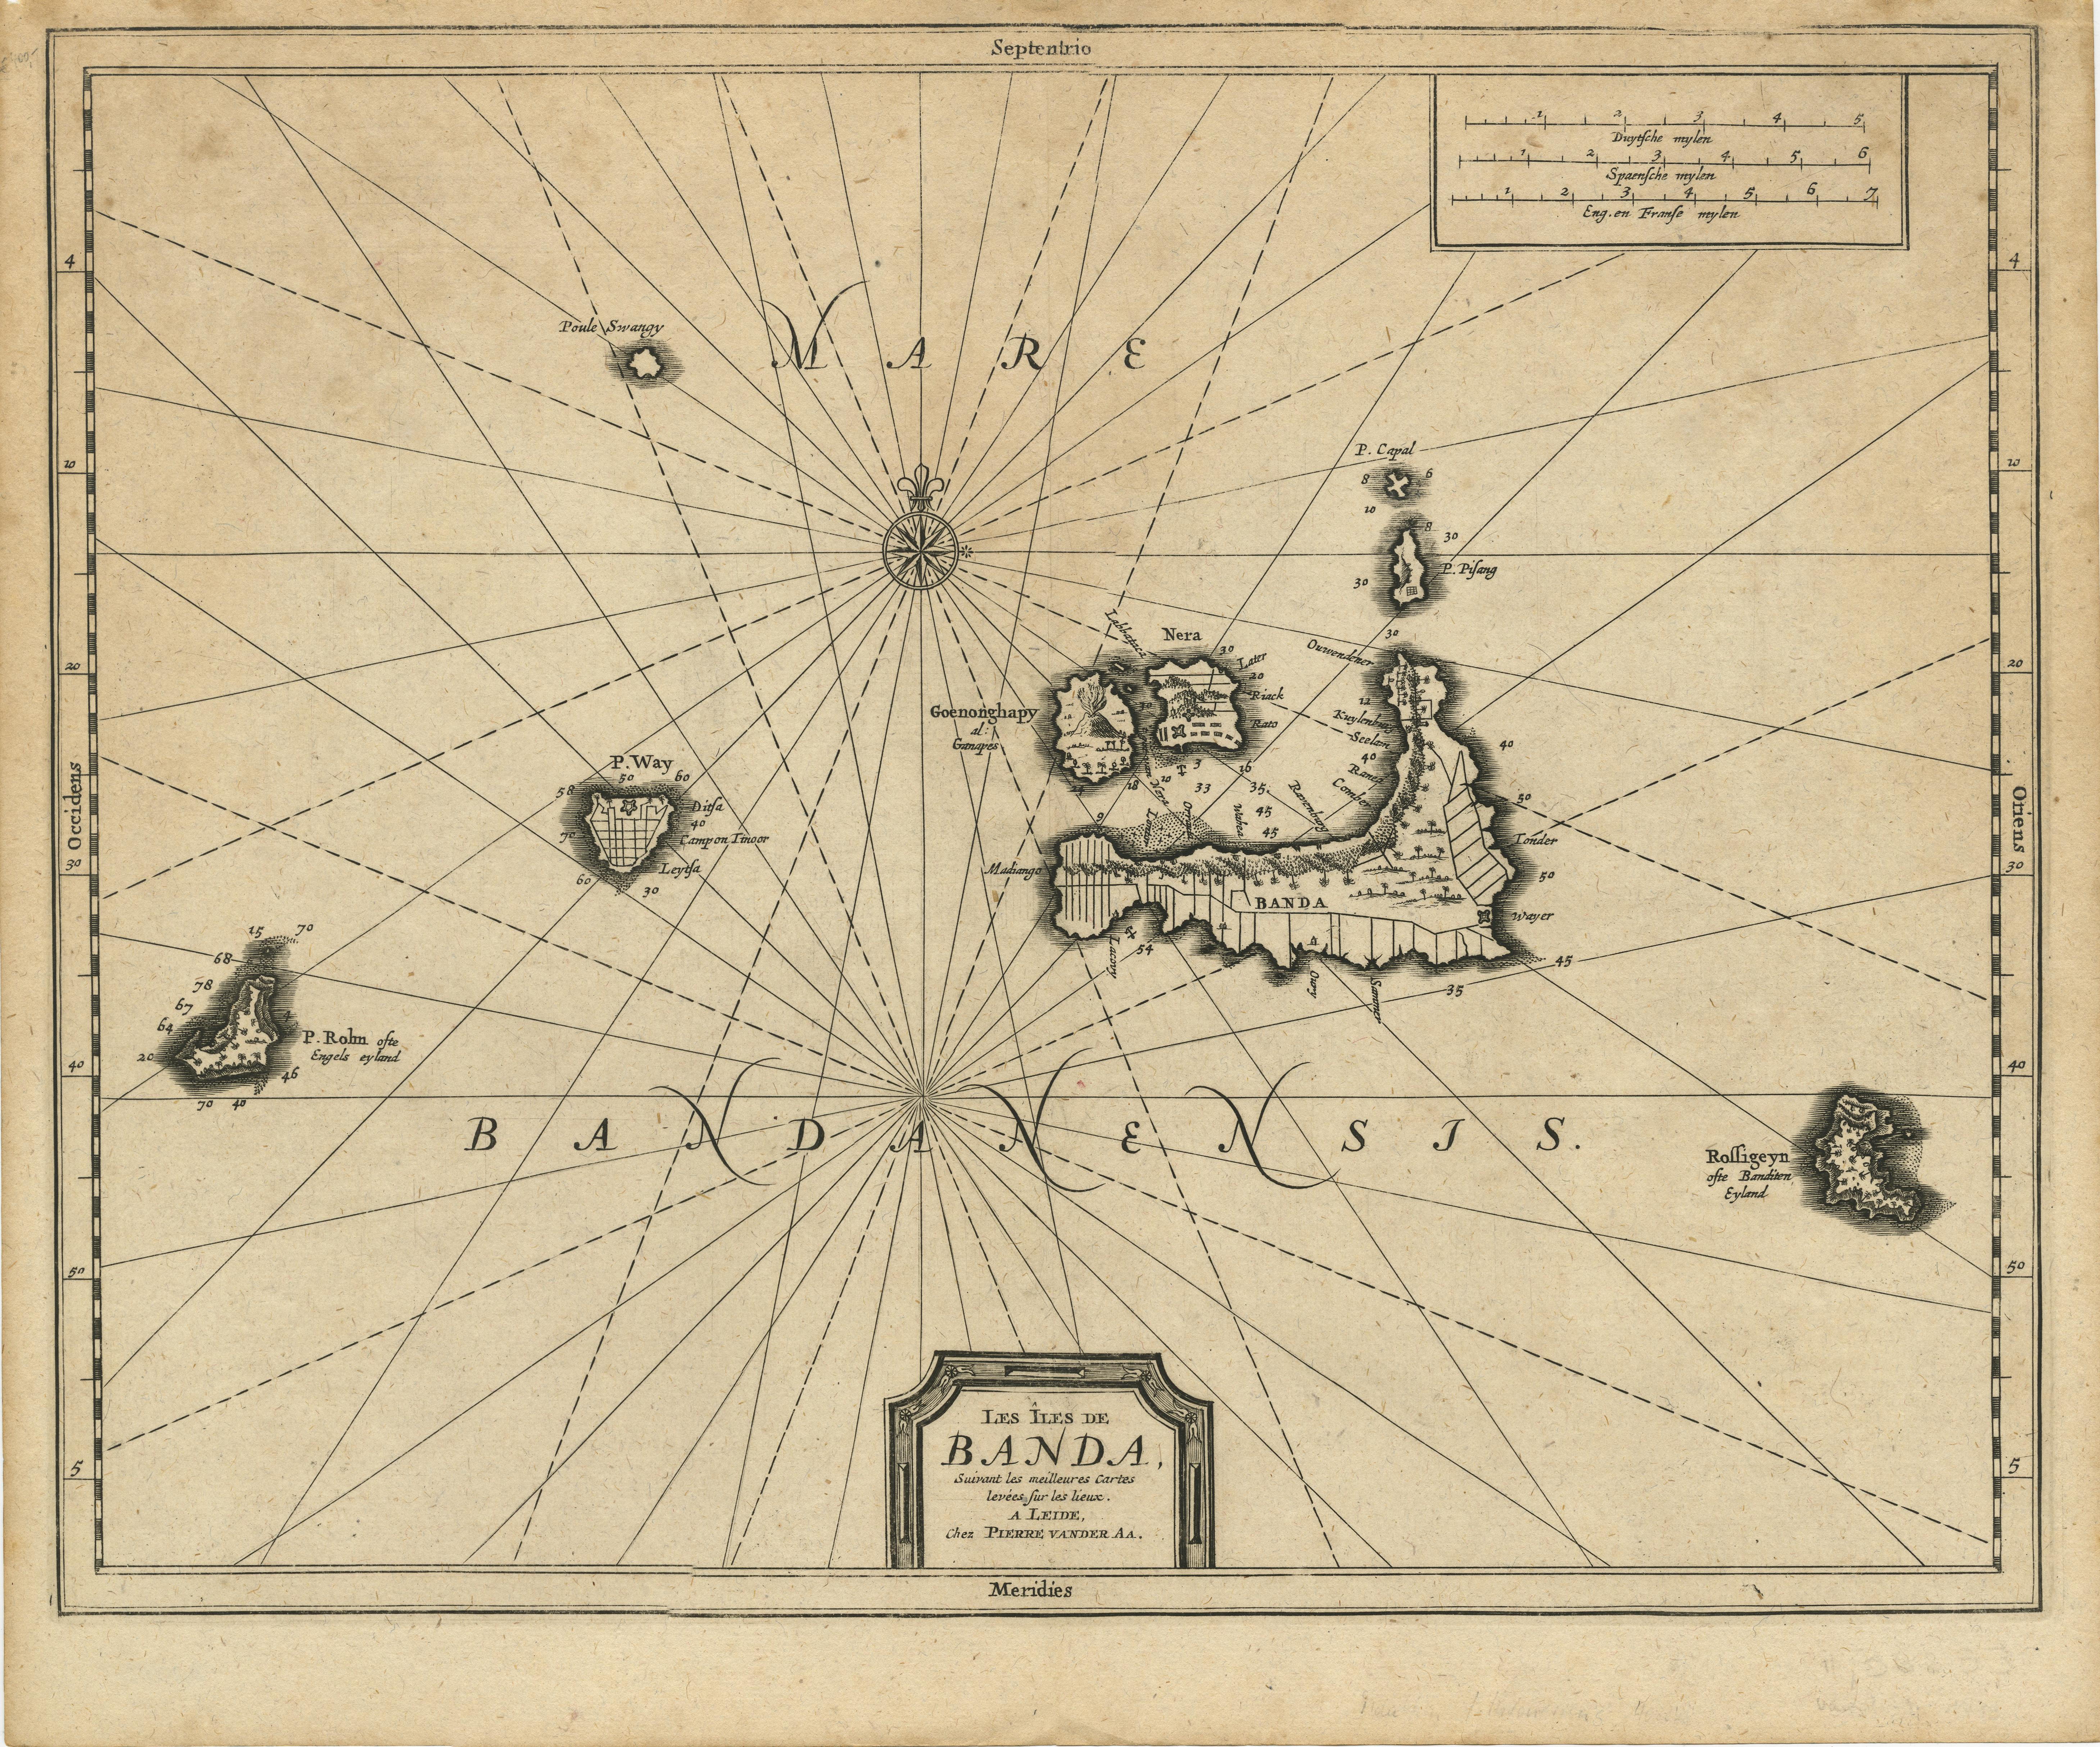 Antique Map Banda Islands by Van der Aa (1714)Bartele Gallery